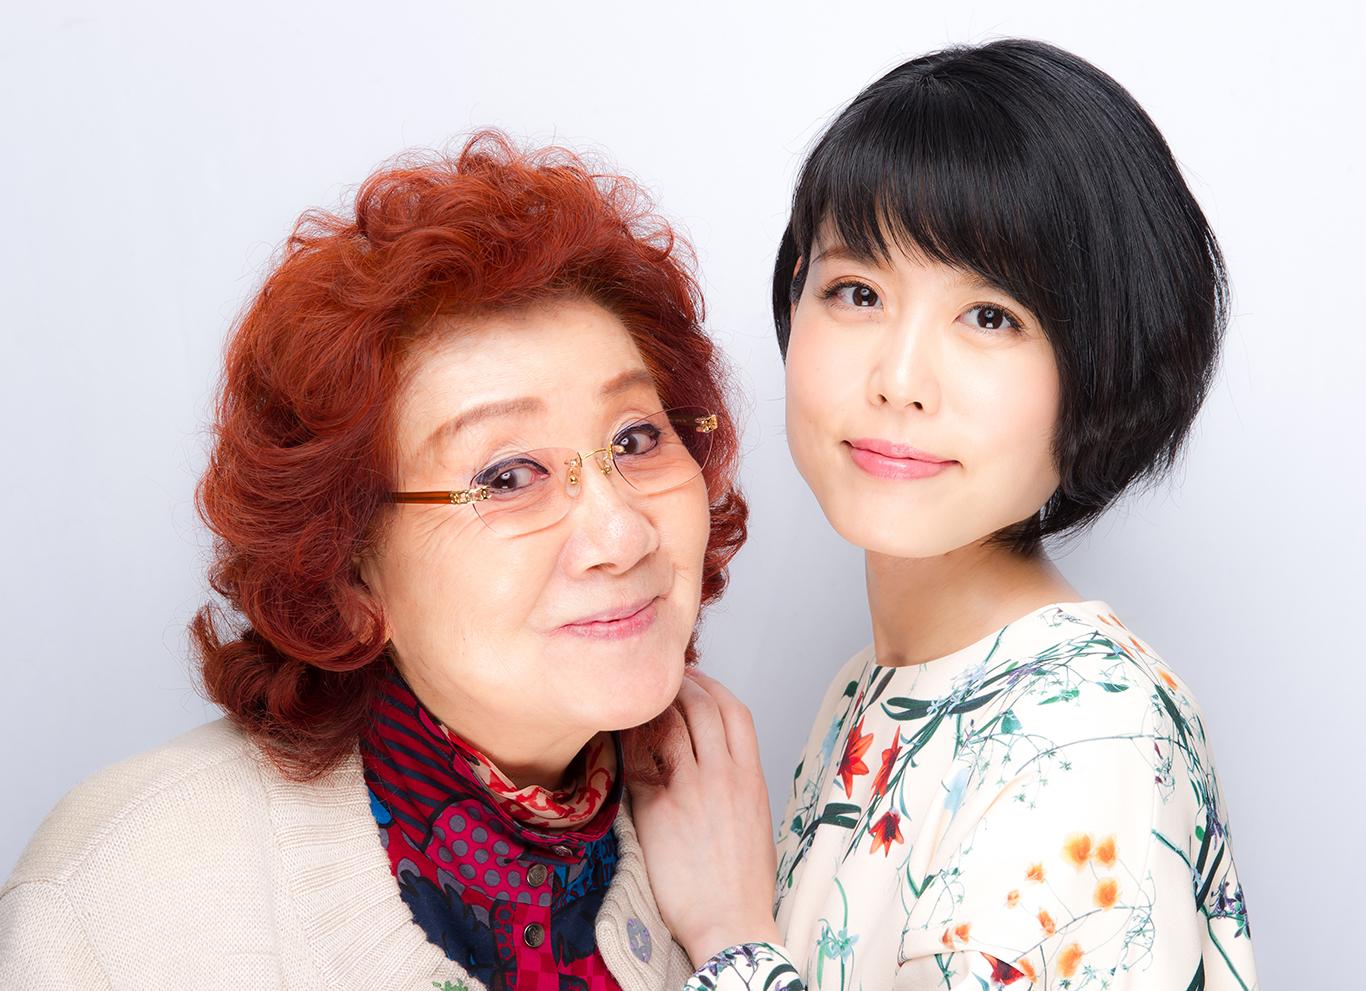 平凡で、お隣にいそうな親子にしたい。沢城みゆき×野沢雅子が作る新たな『鬼太郎』